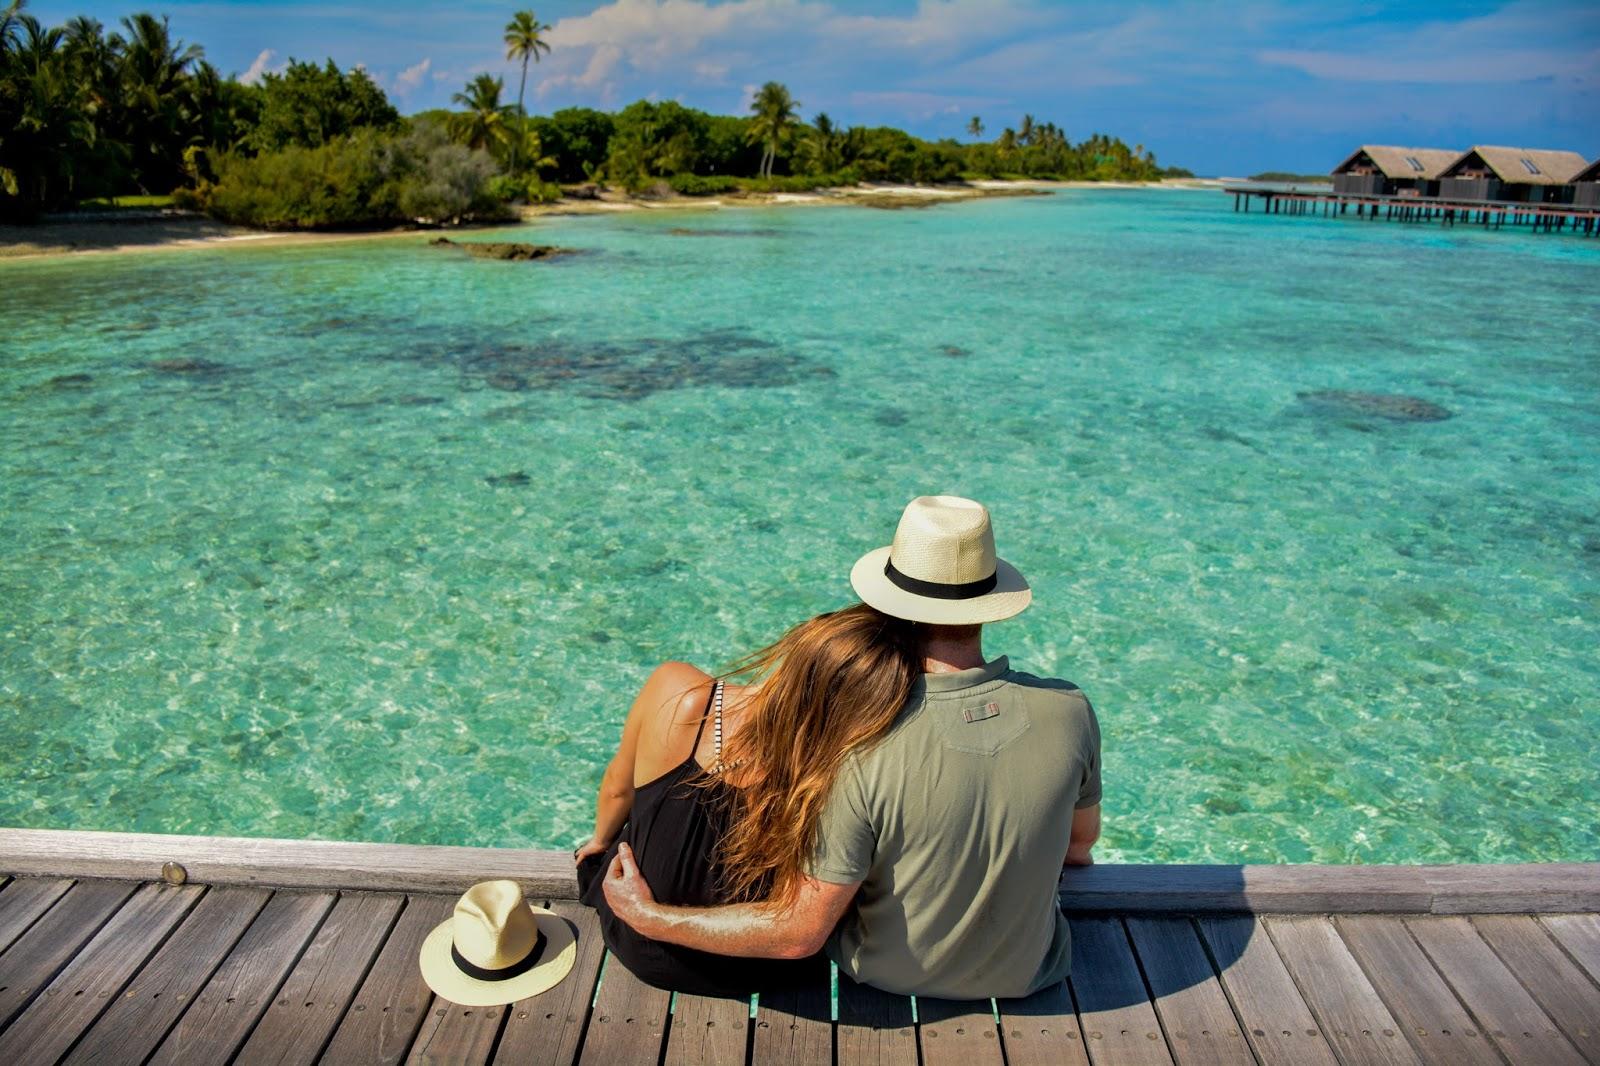 شهر عسل في الربيع : المالديف